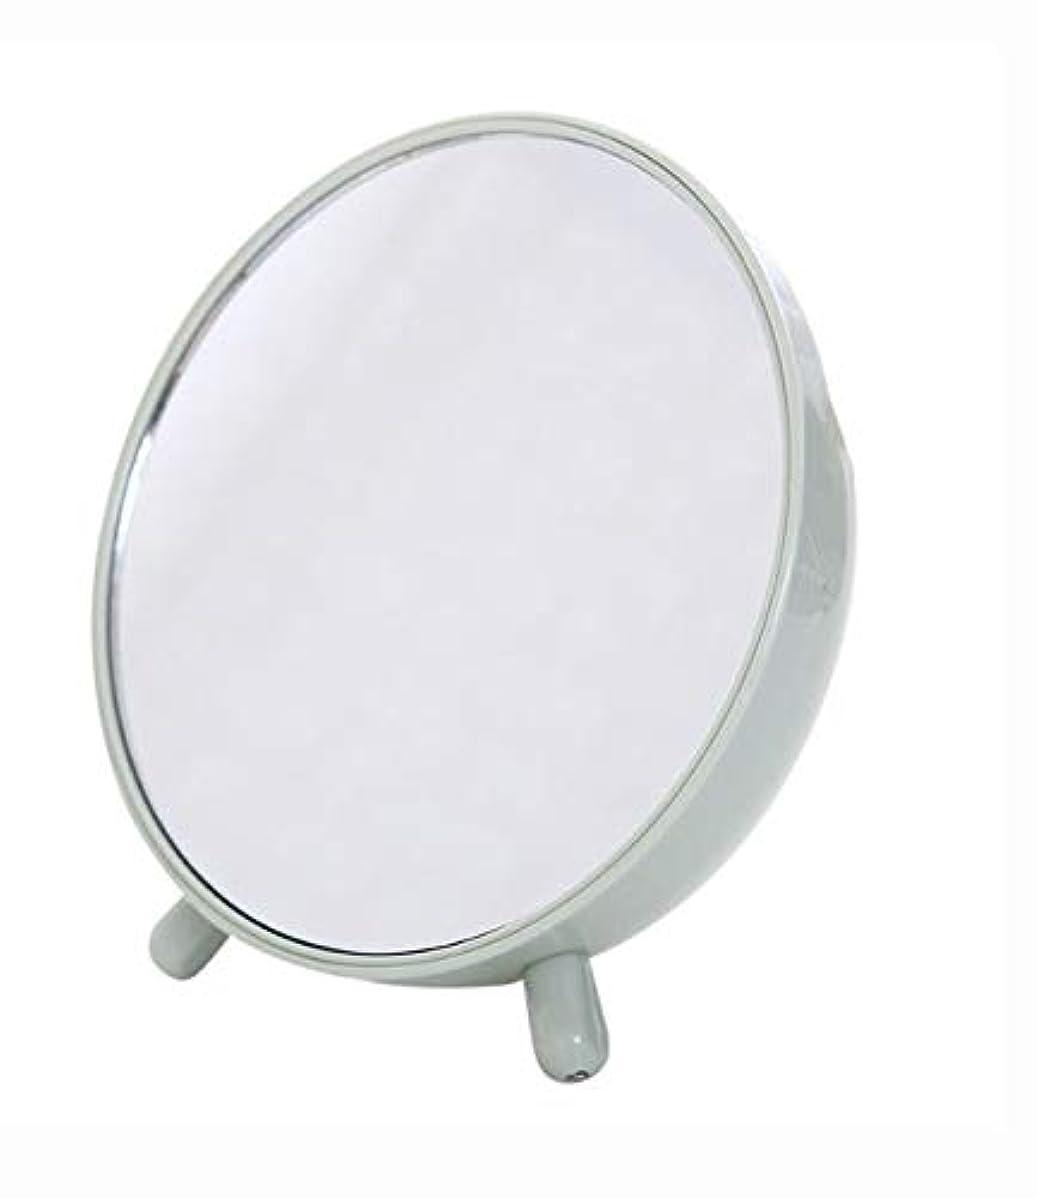 黒人酔う嵐が丘化粧鏡、収納箱の化粧品のギフトが付いている緑の簡単な円形のテーブルの化粧鏡